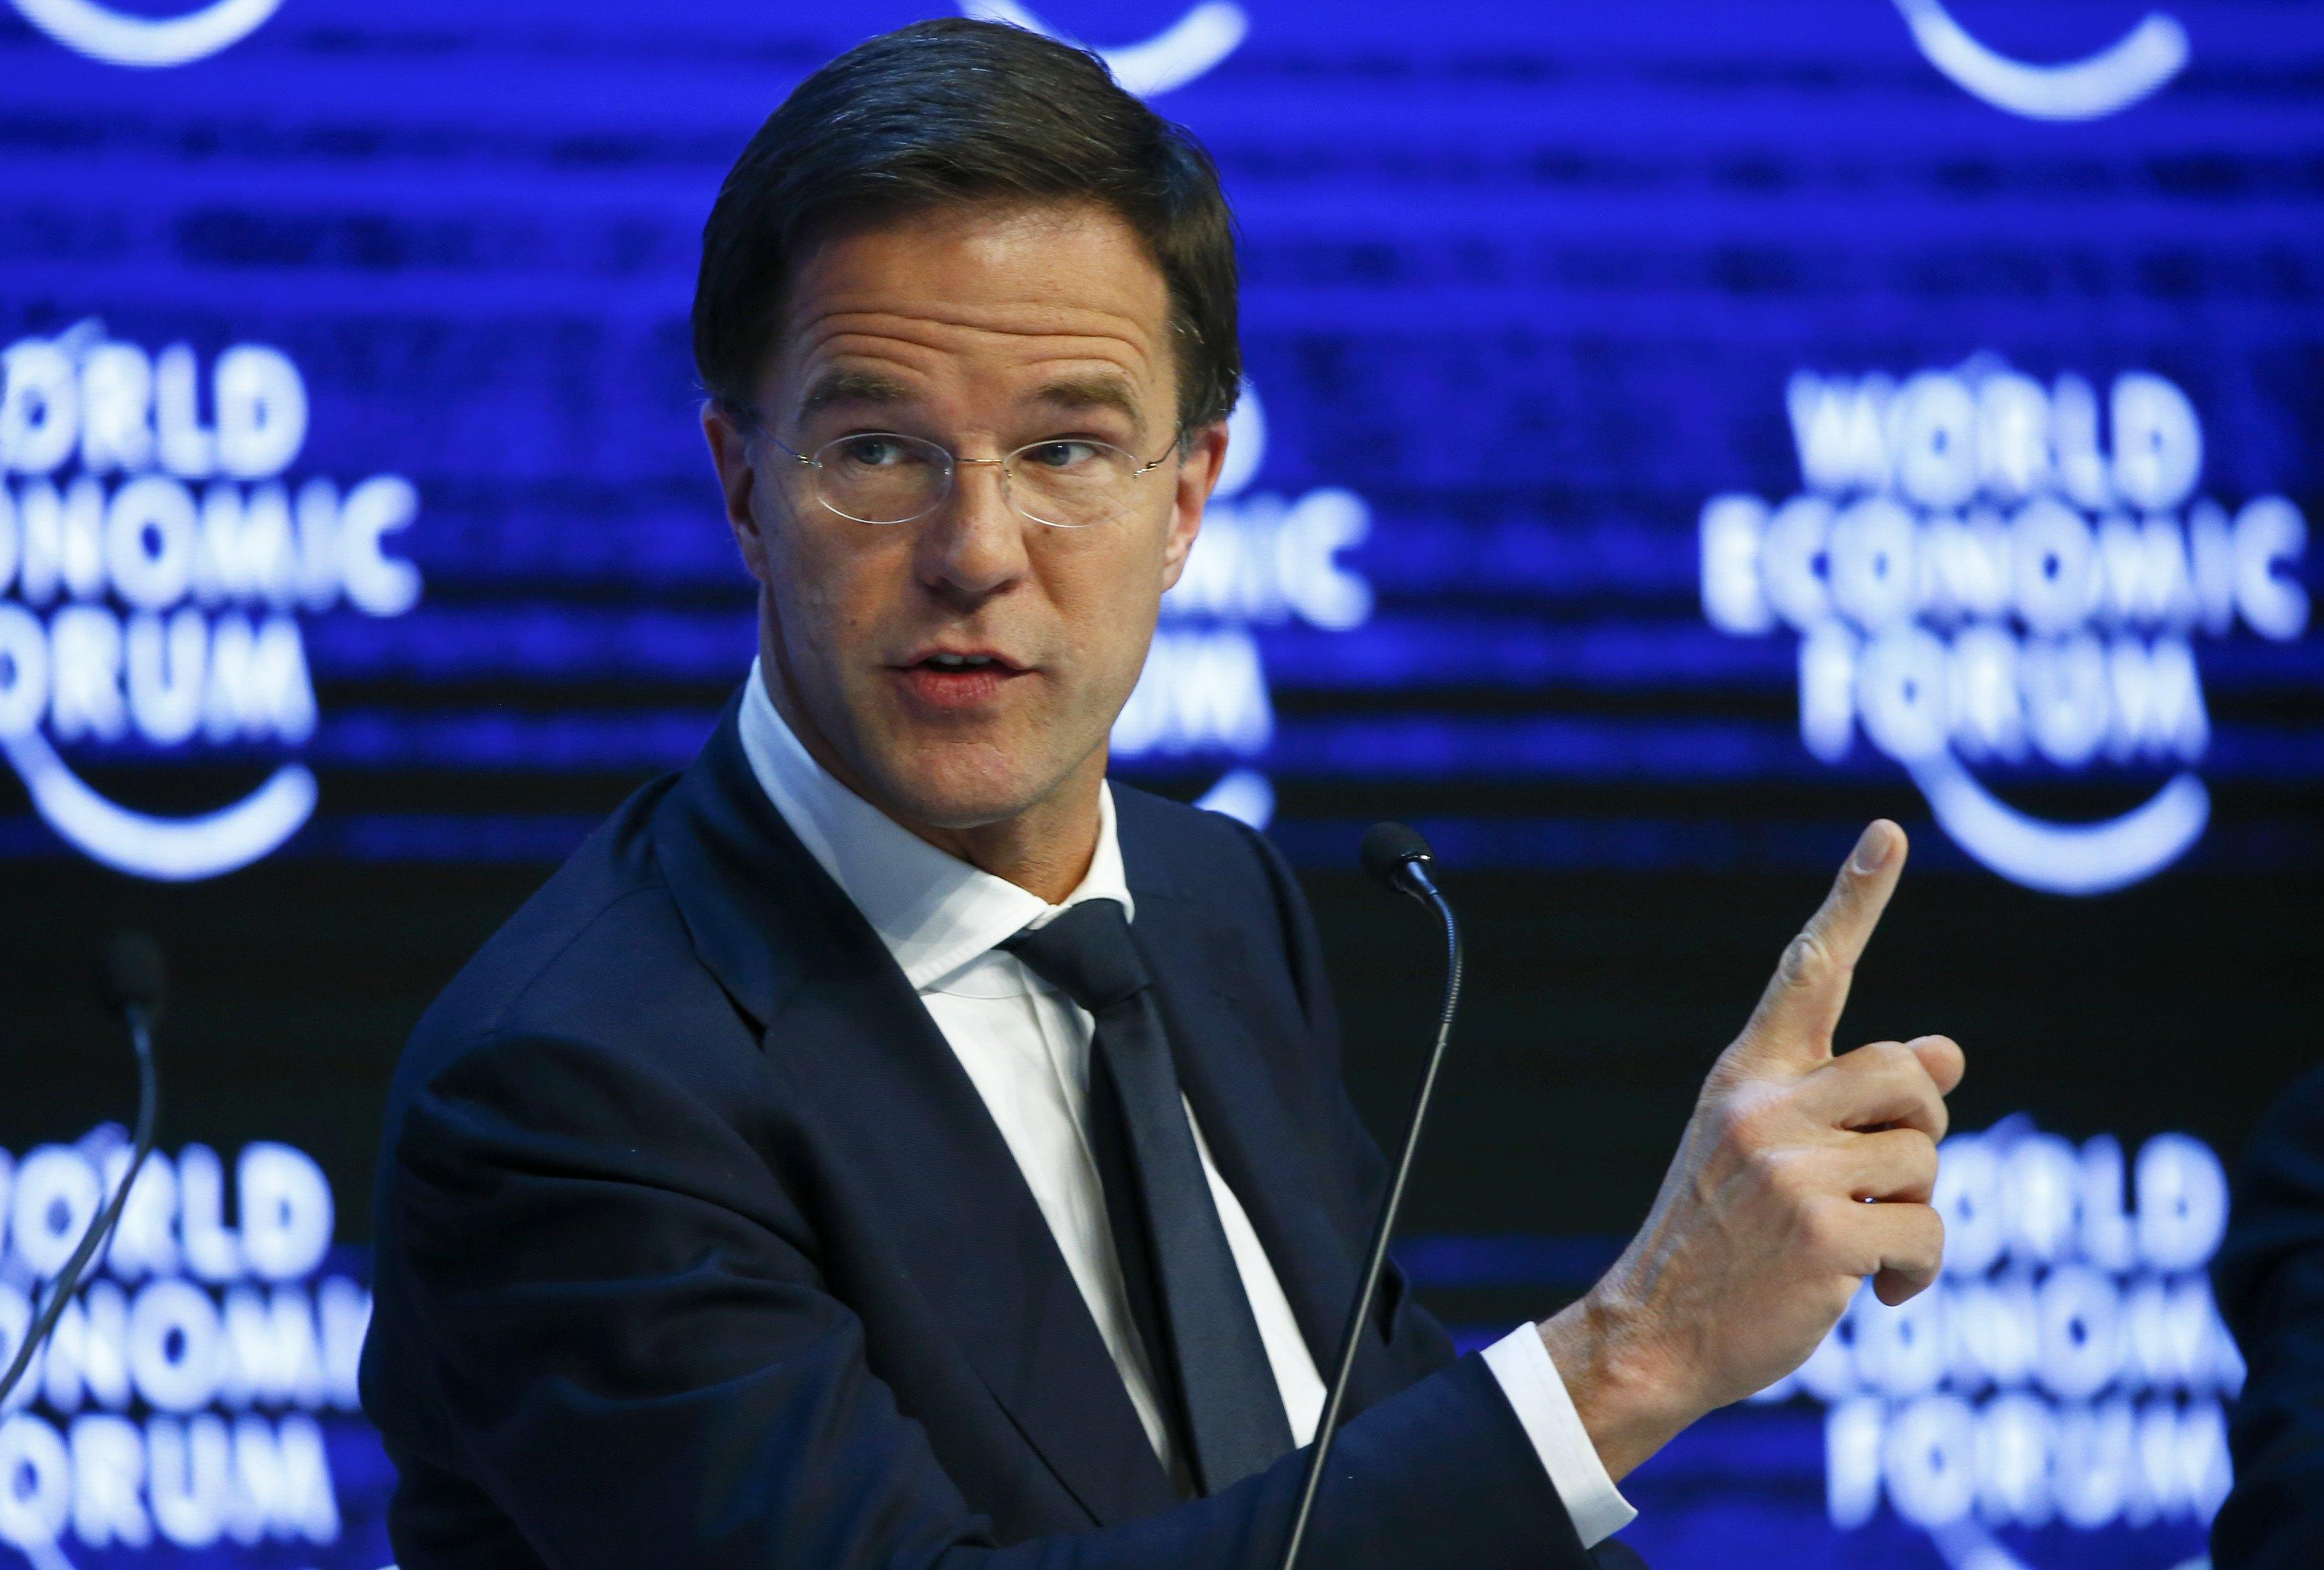 رئيس وزراء هولندا ينجو من تصويت لسحب الثقة من حكومته